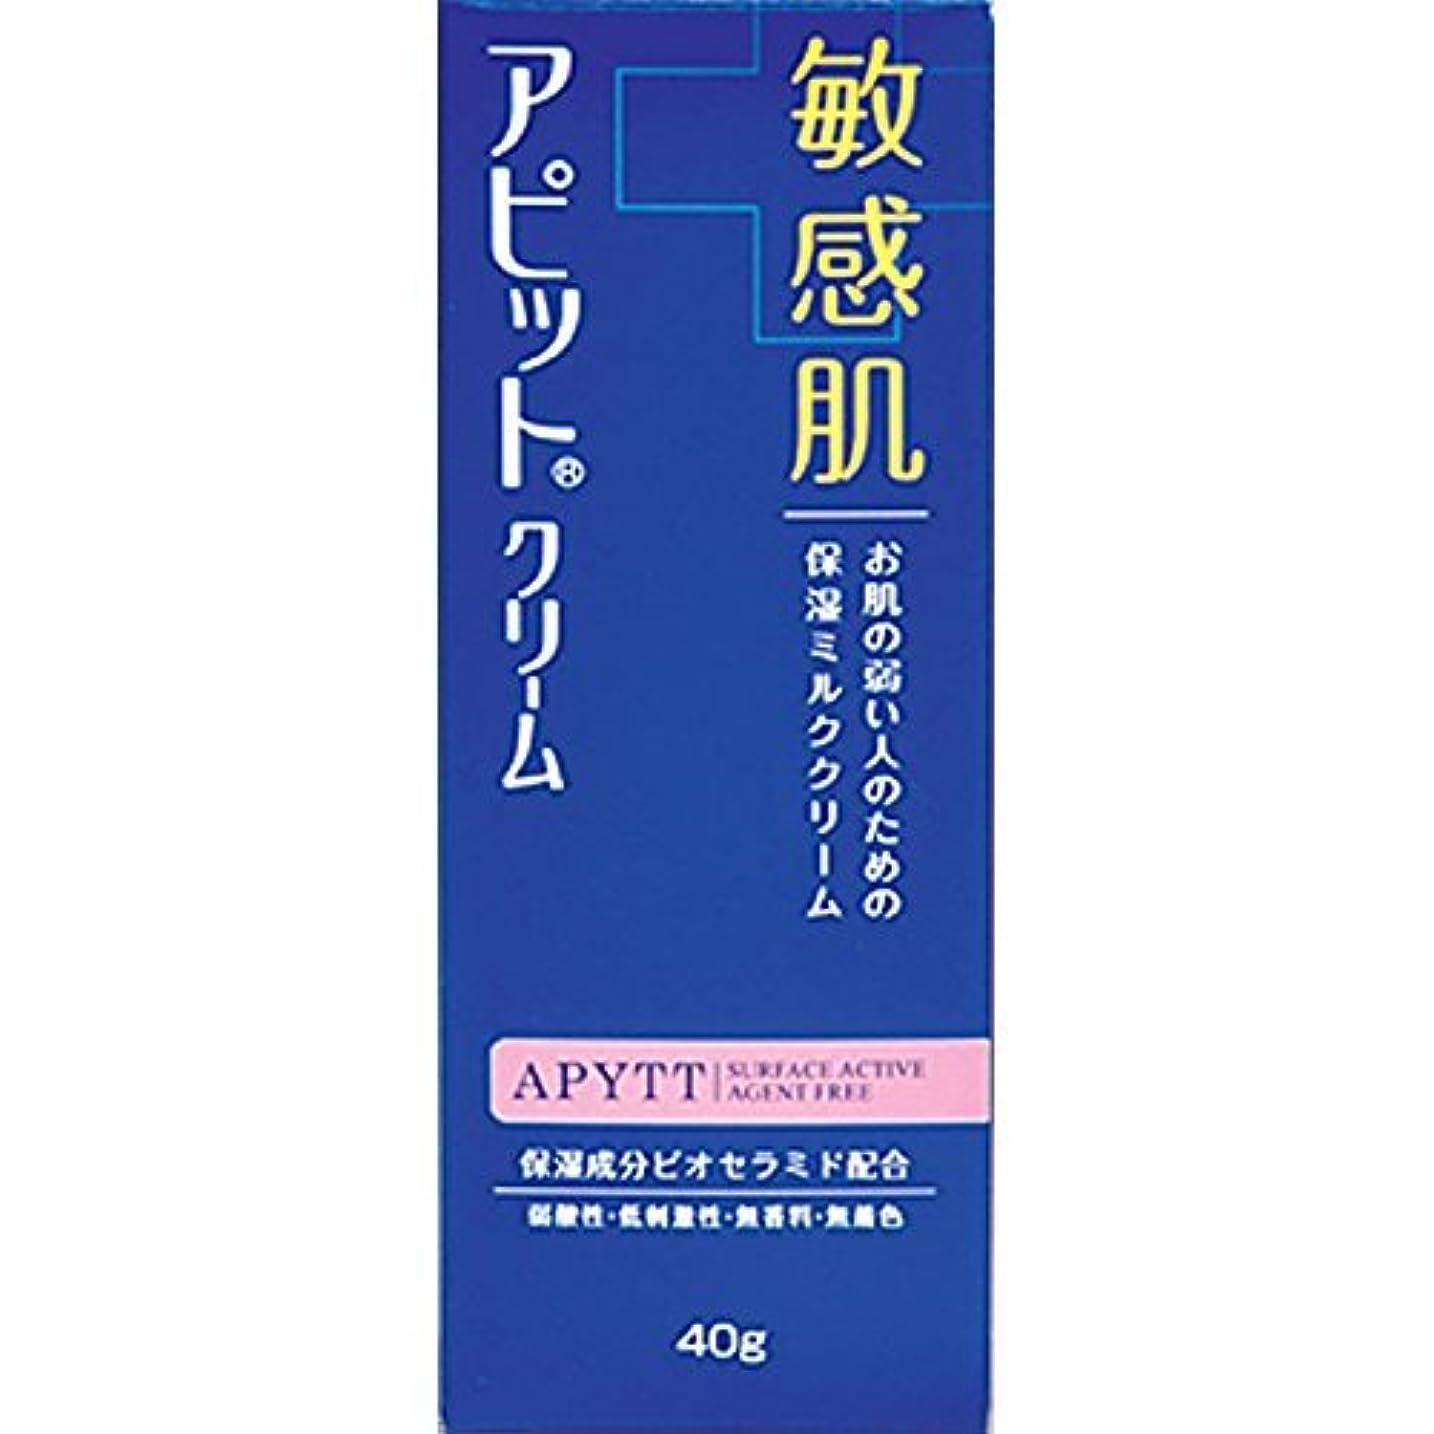 発揮する独裁者ヘルメット全薬工業 アピットクリーム 40g (医薬部外品)